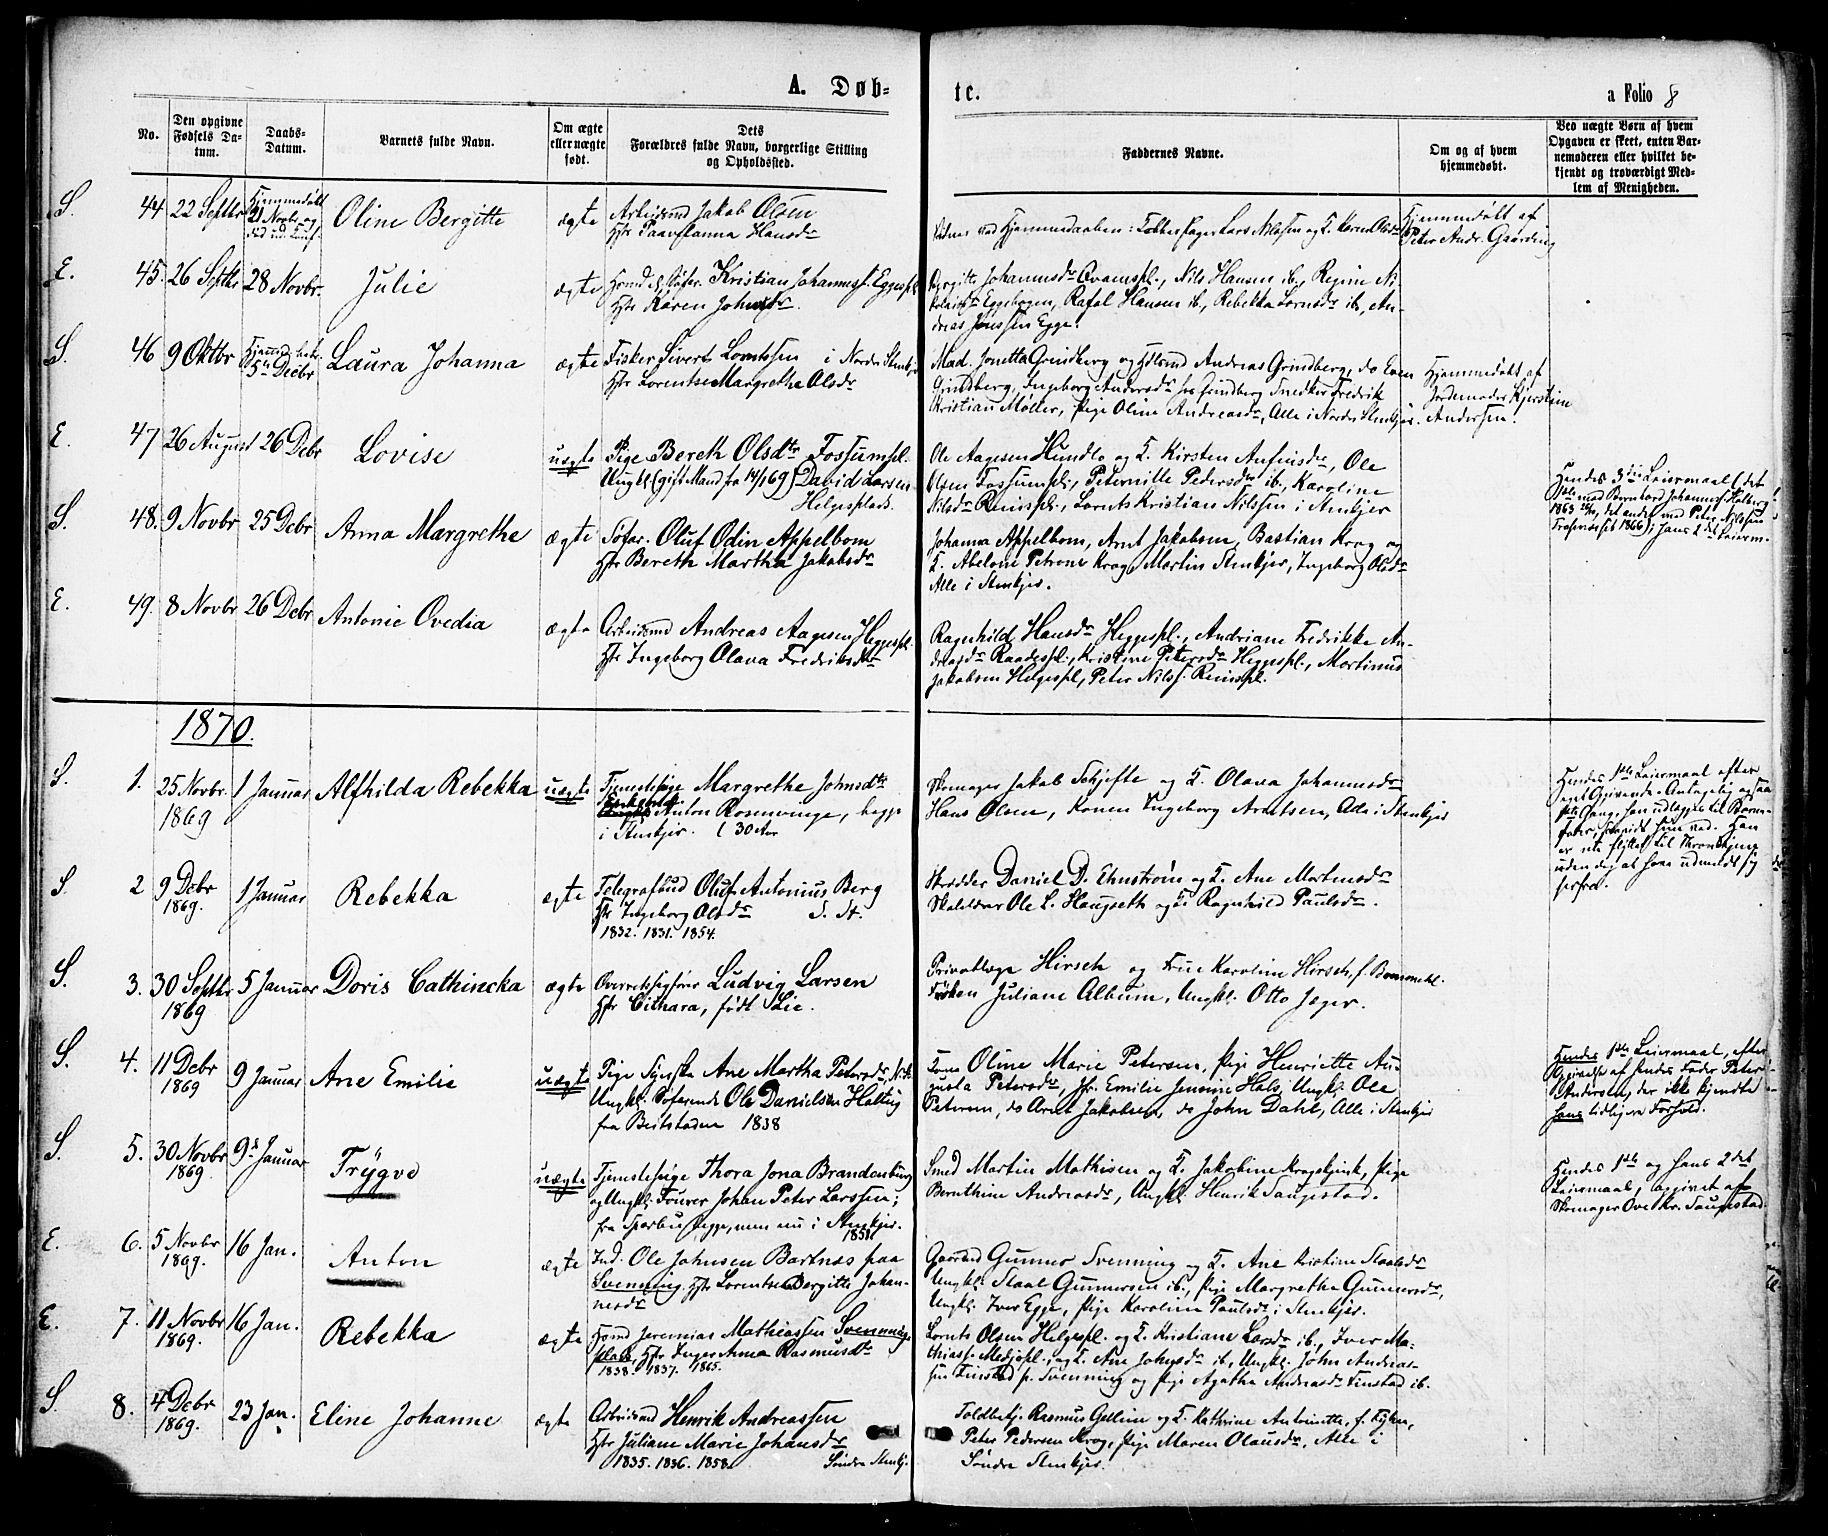 SAT, Ministerialprotokoller, klokkerbøker og fødselsregistre - Nord-Trøndelag, 739/L0370: Ministerialbok nr. 739A02, 1868-1881, s. 8